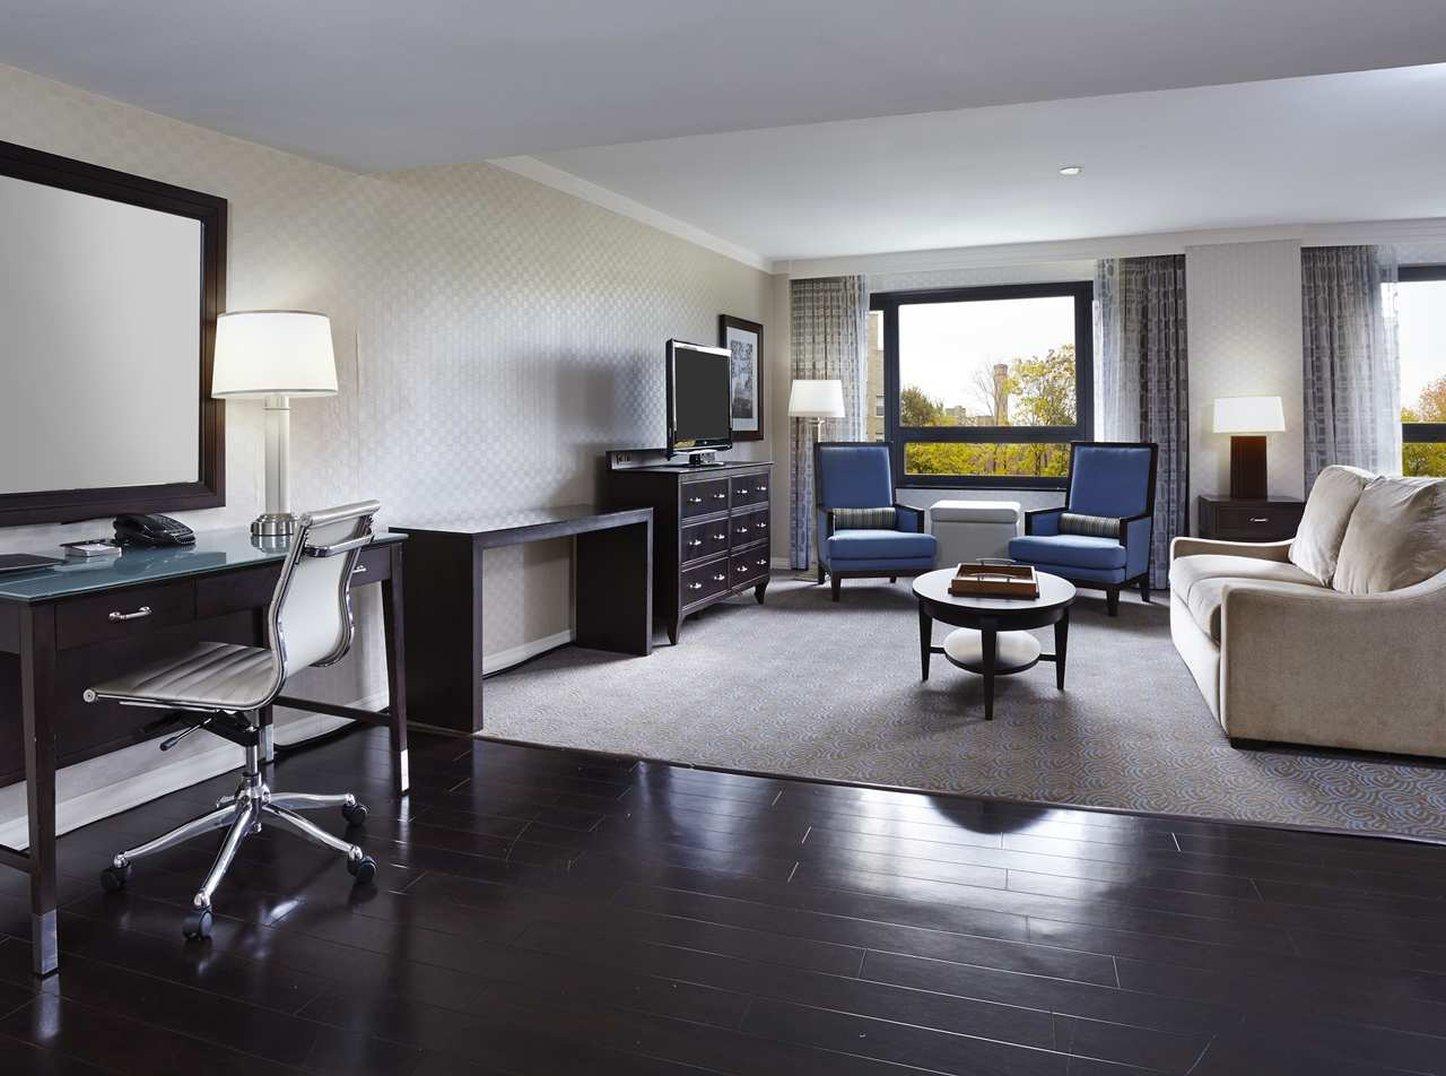 โรงแรมวอชิงตันฮิลตัน